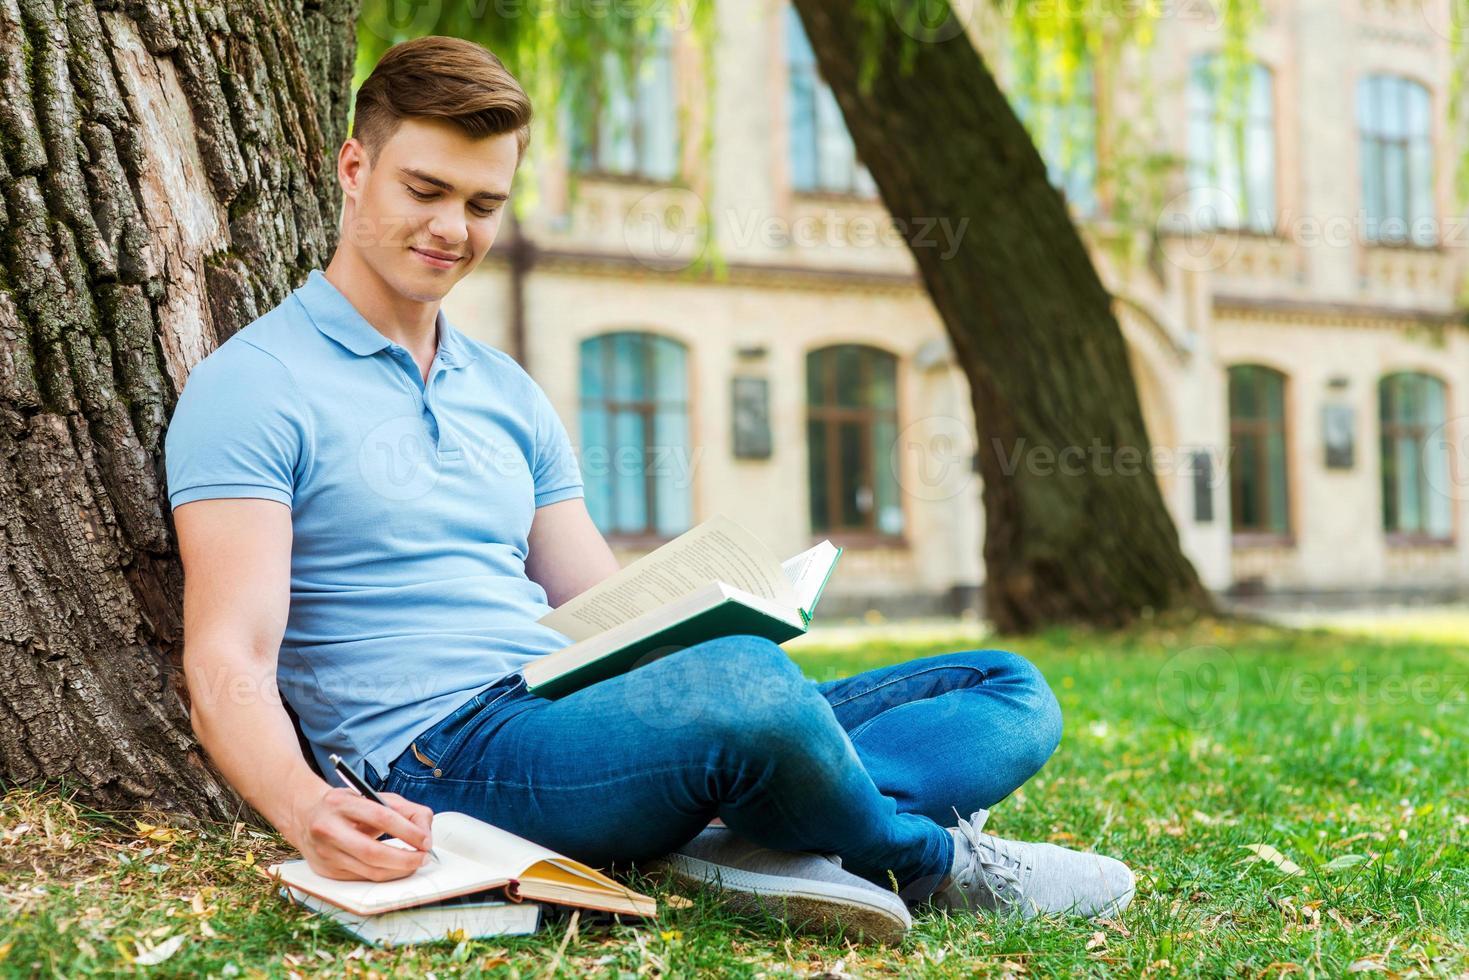 ägnas åt att studera. foto